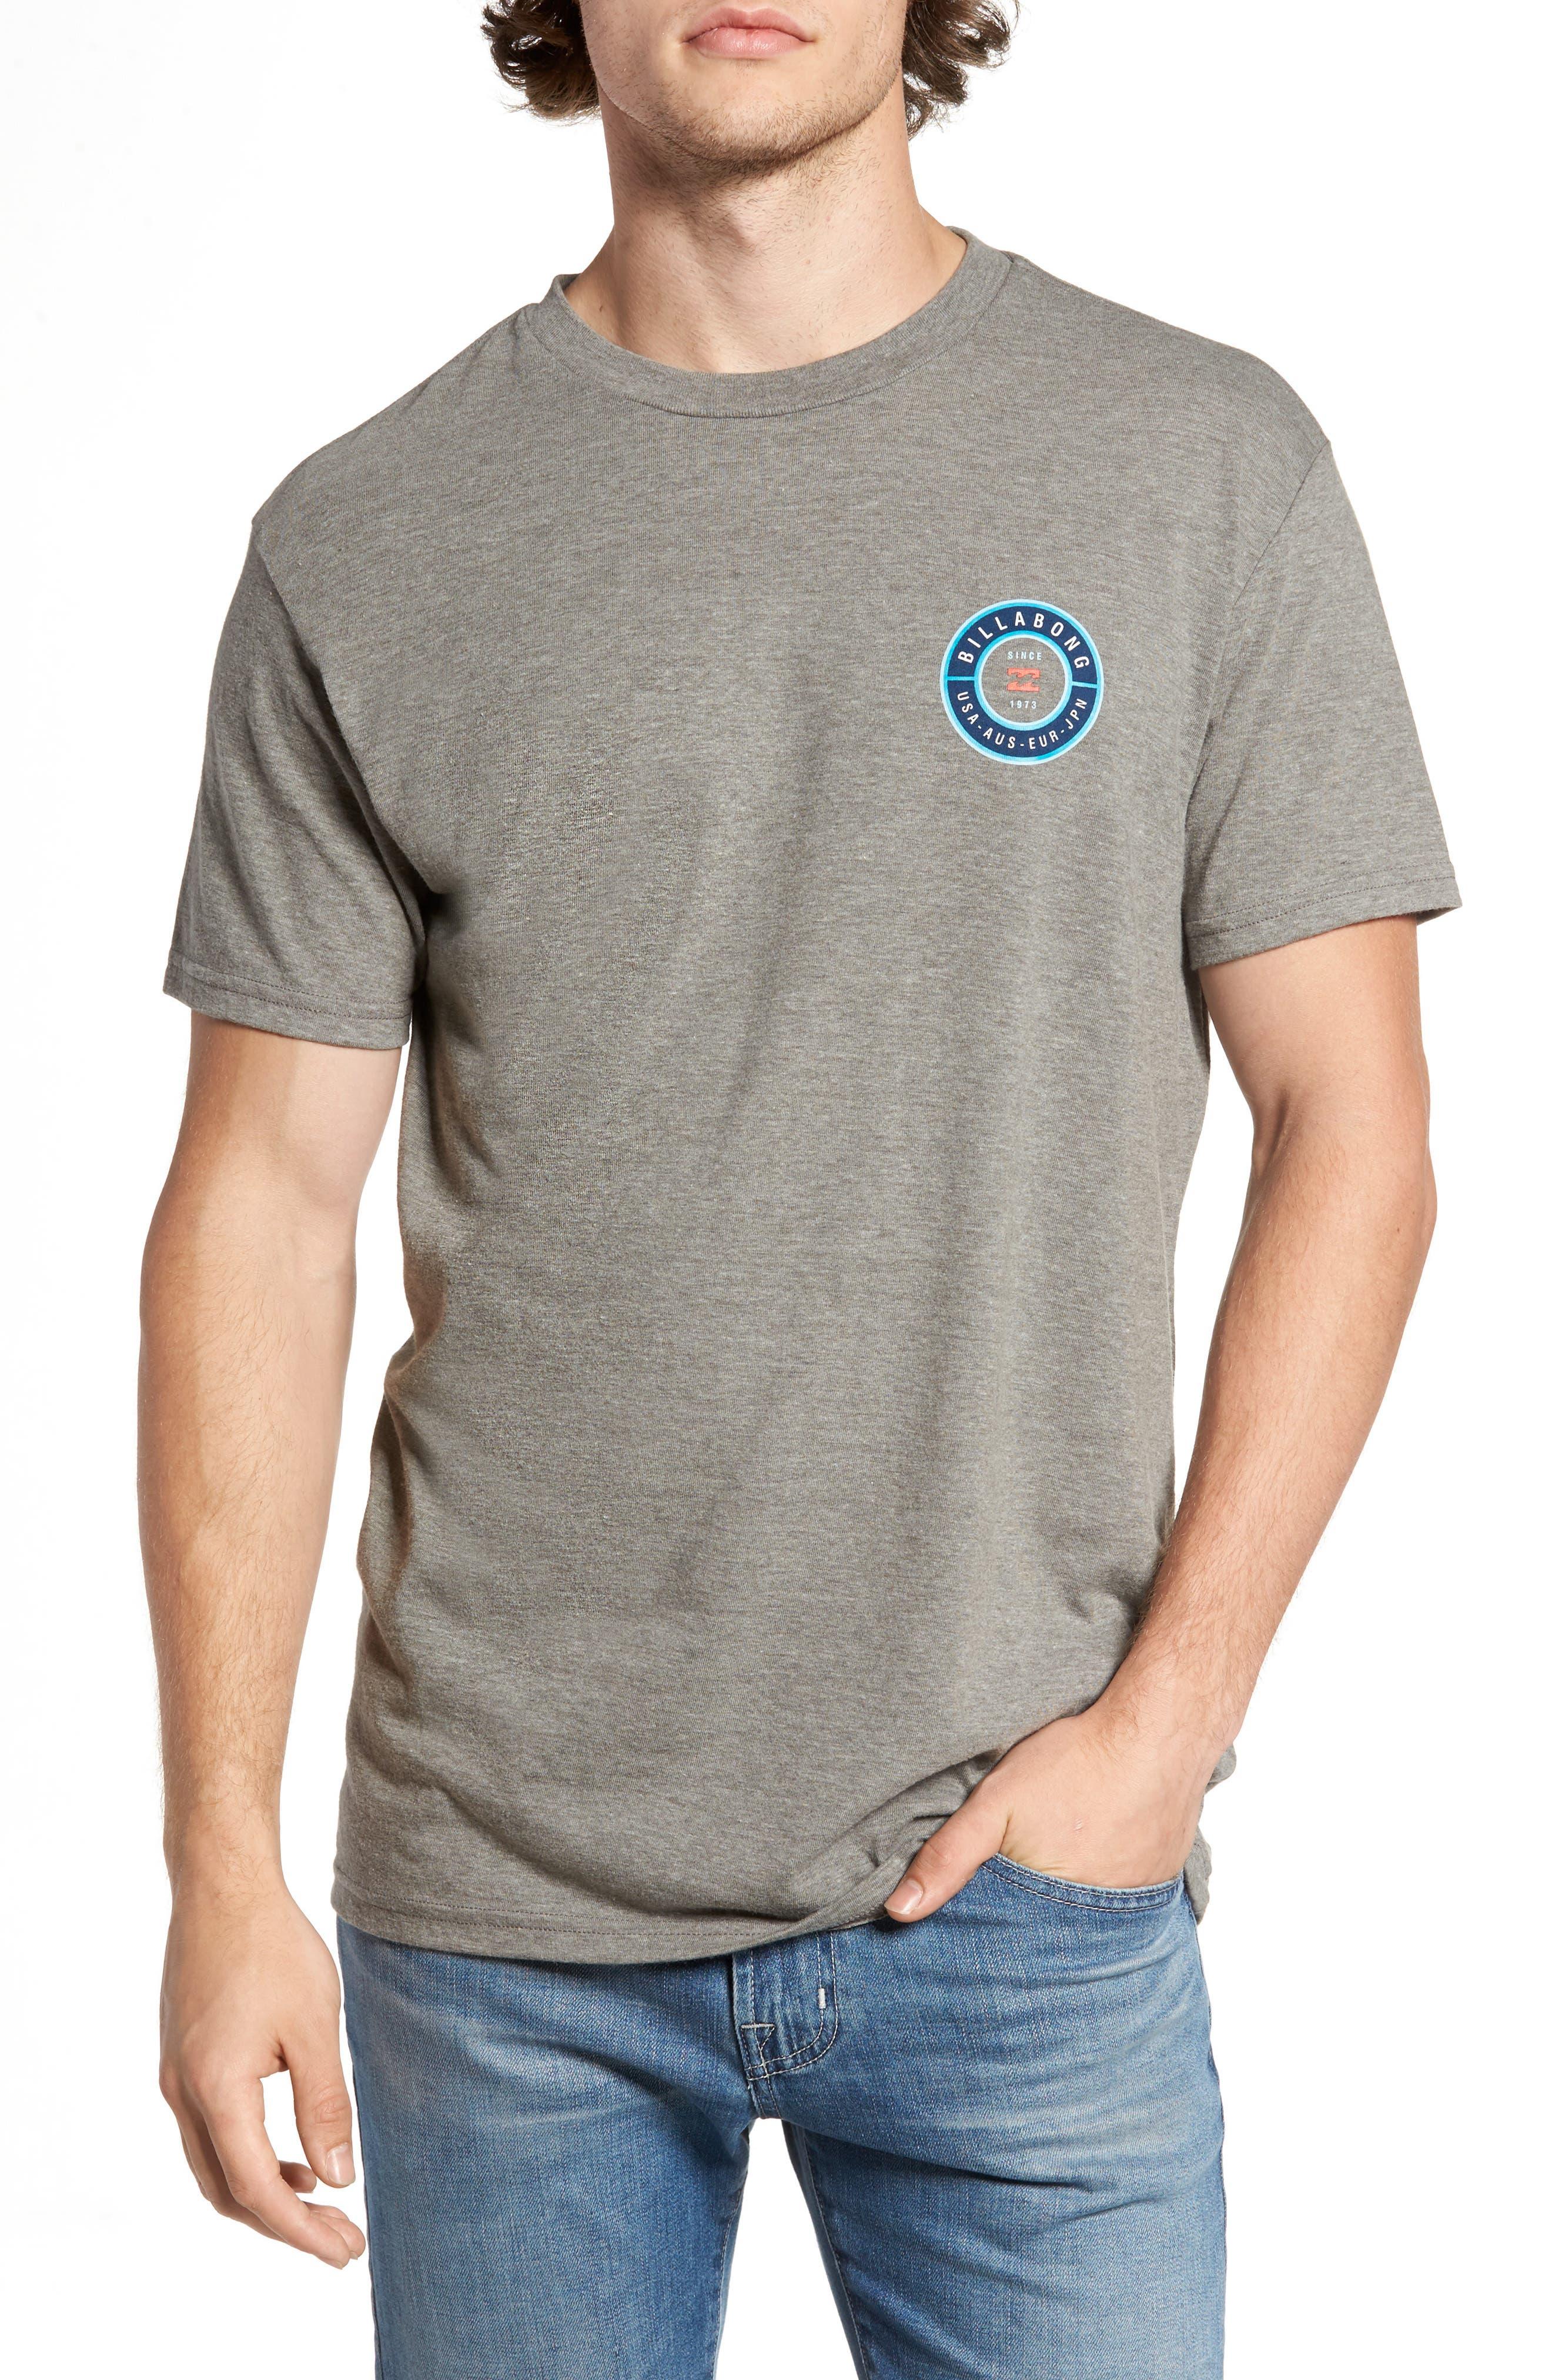 Rotor Graphic T-Shirt,                             Main thumbnail 1, color,                             025